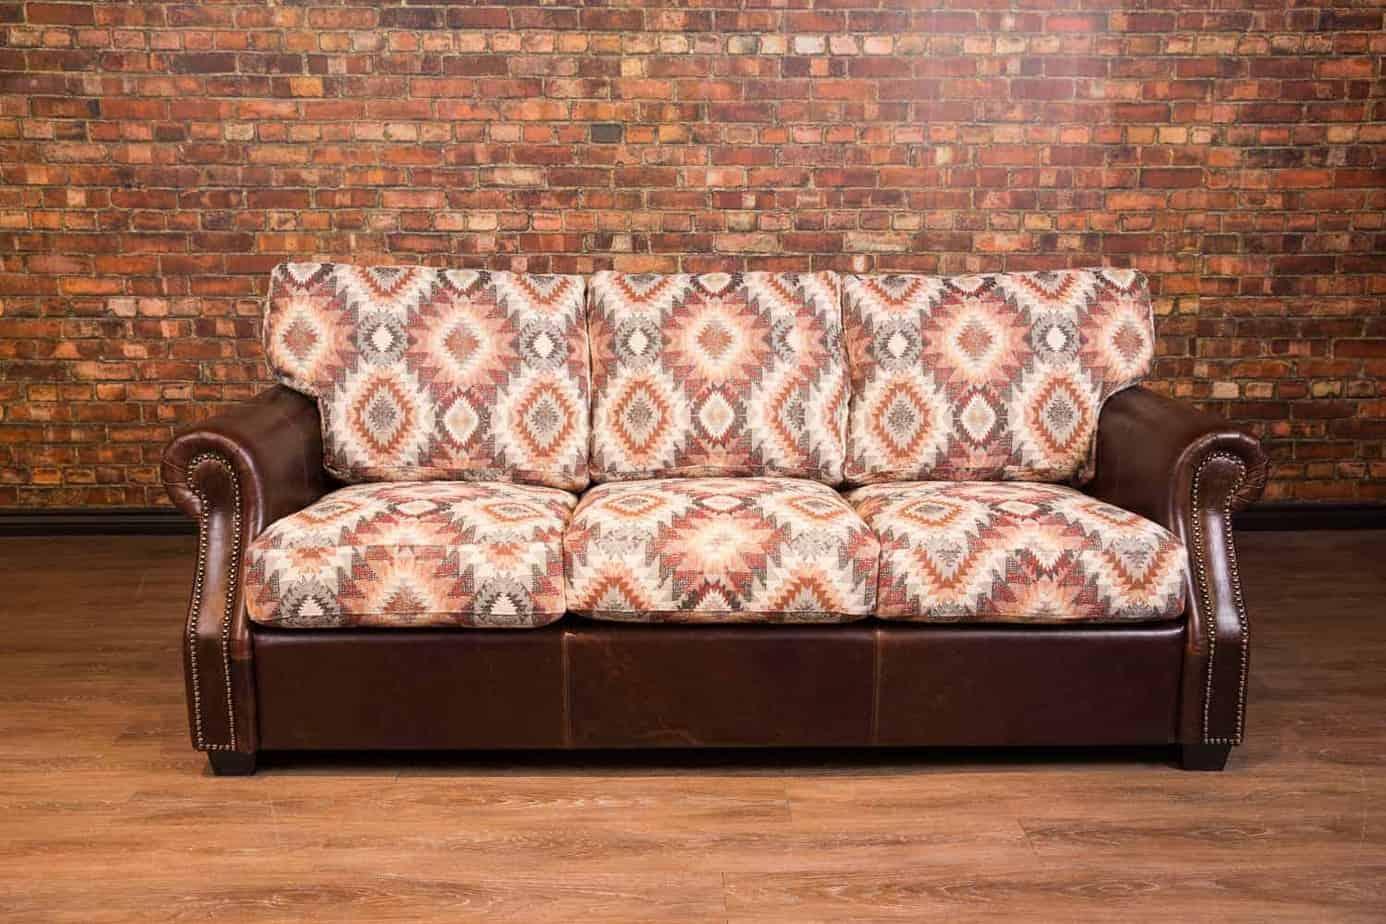 The Texas Leather Fabric Sofa